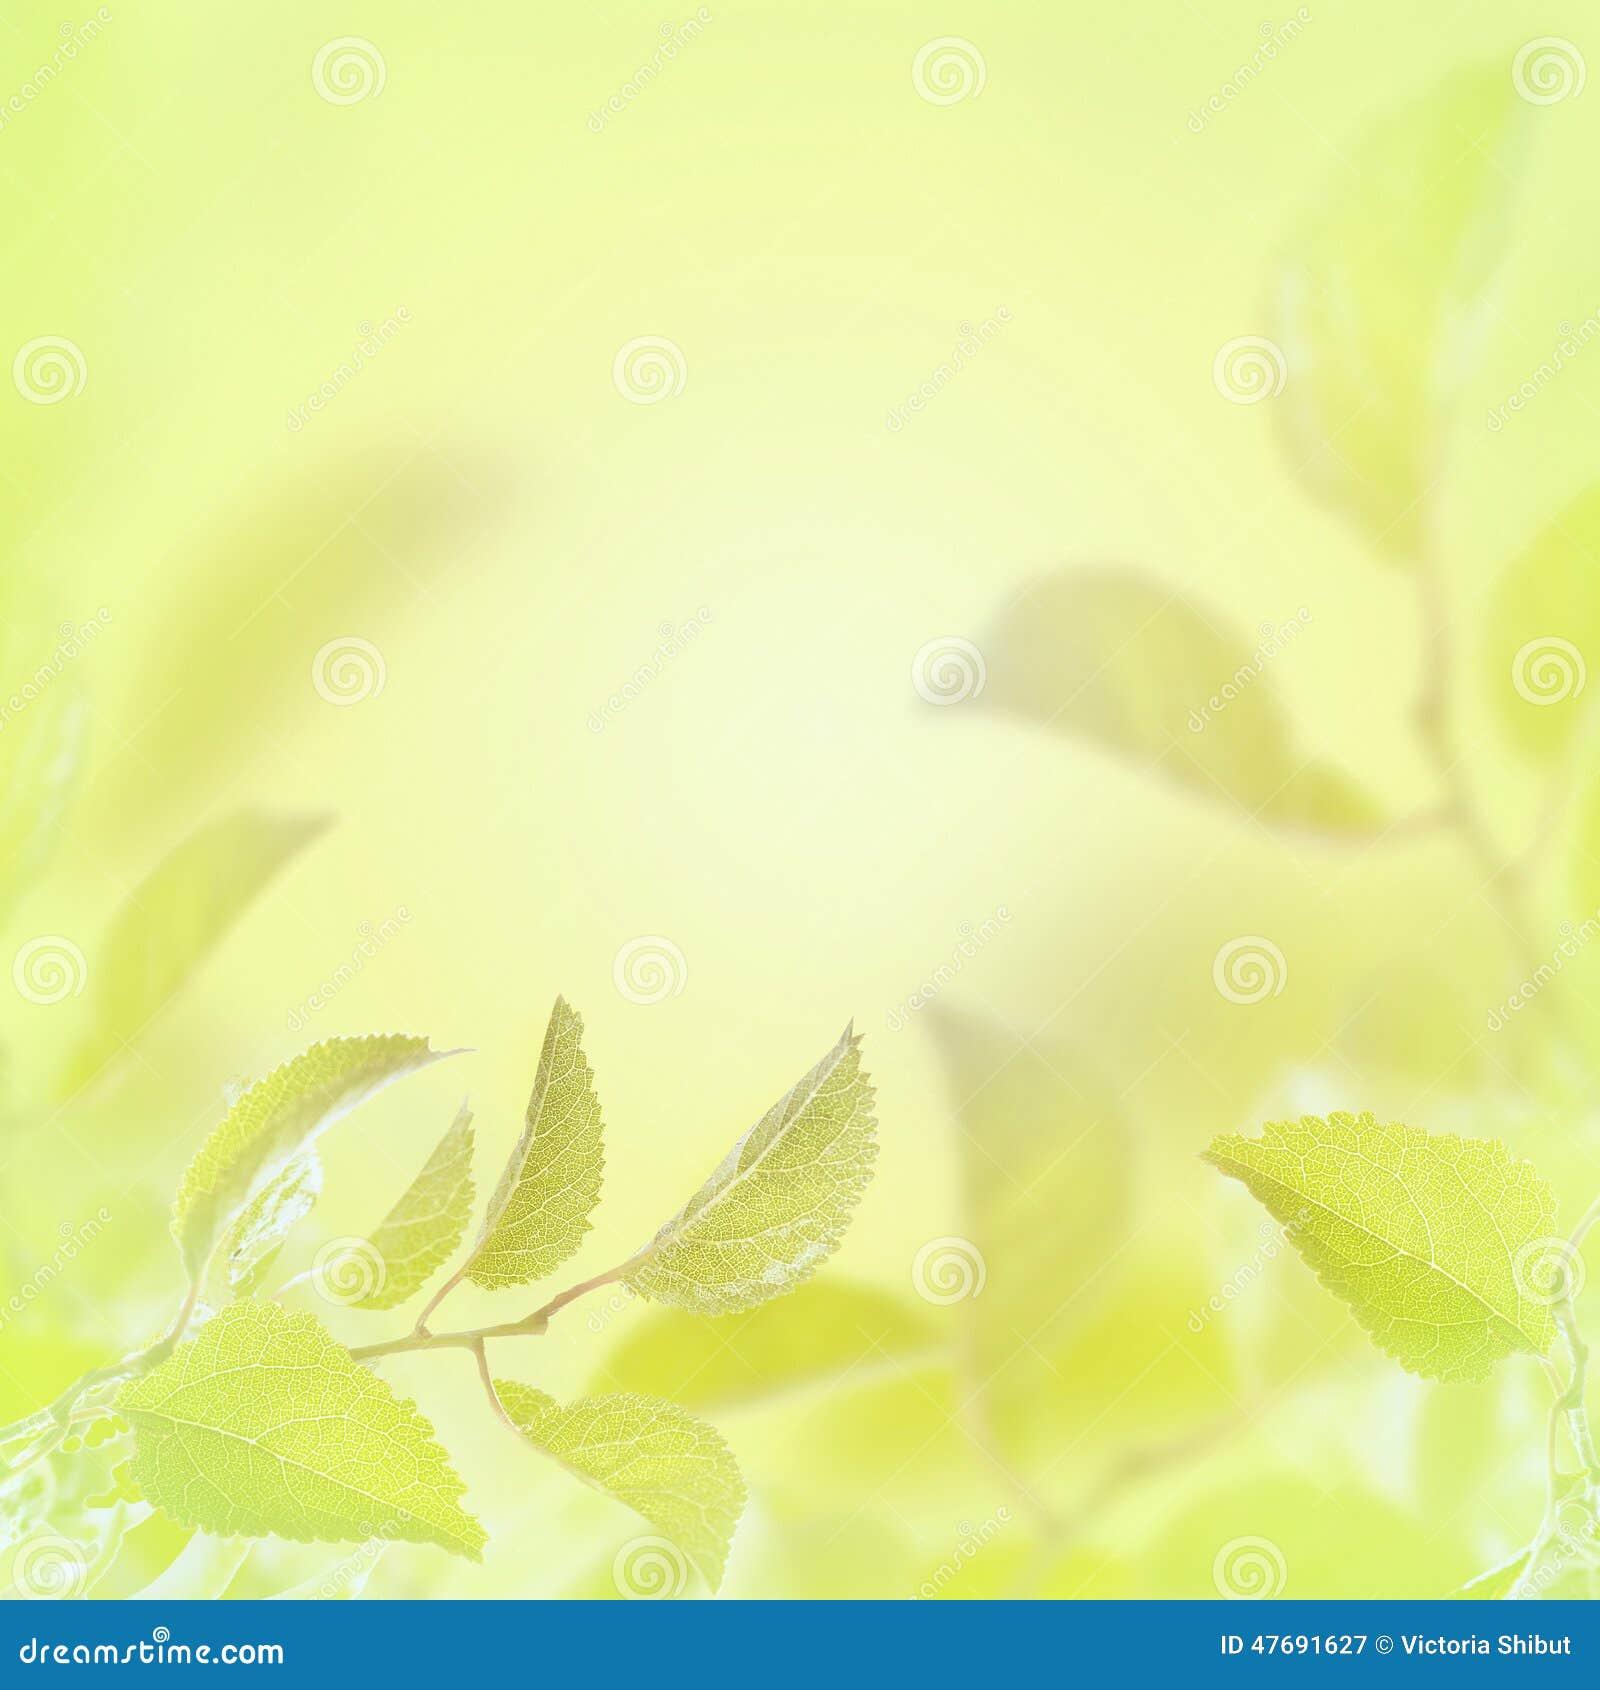 Abstrakter heller Frühlingssommerhintergrund mit Blättern